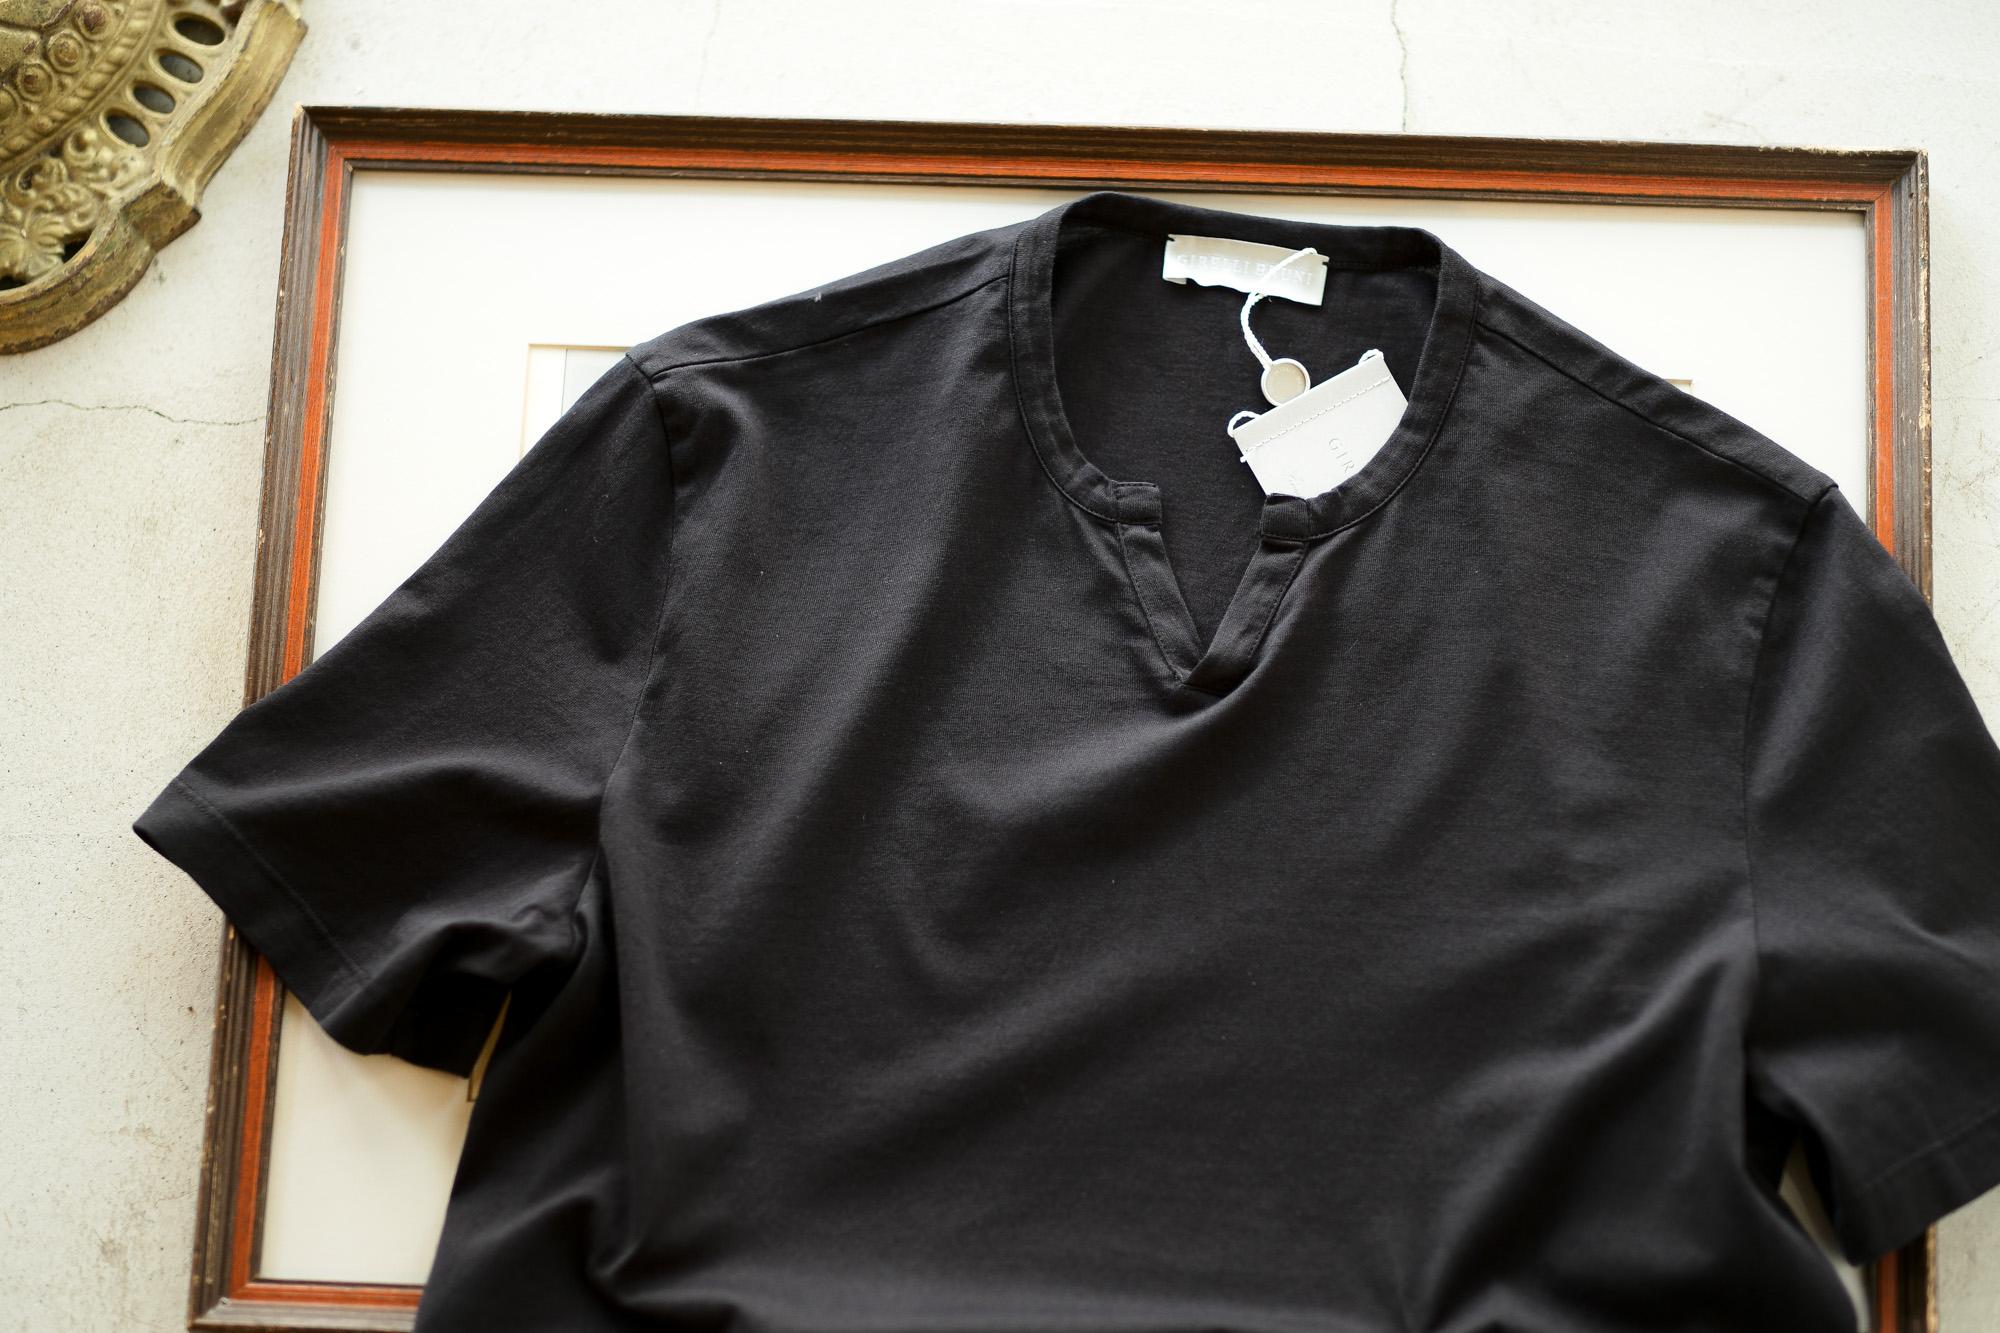 Girelli Bruni (ジレリブルーニ) Key Neck T-shirt (キーネック Tシャツ) GIZA 60/2 ギザコットン キーネックTシャツ BLACK (ブラック) made in italy (イタリア製) 2020秋冬新作 girellibruni 愛知 名古屋 altoediritto アルトエデリット alto e diritto